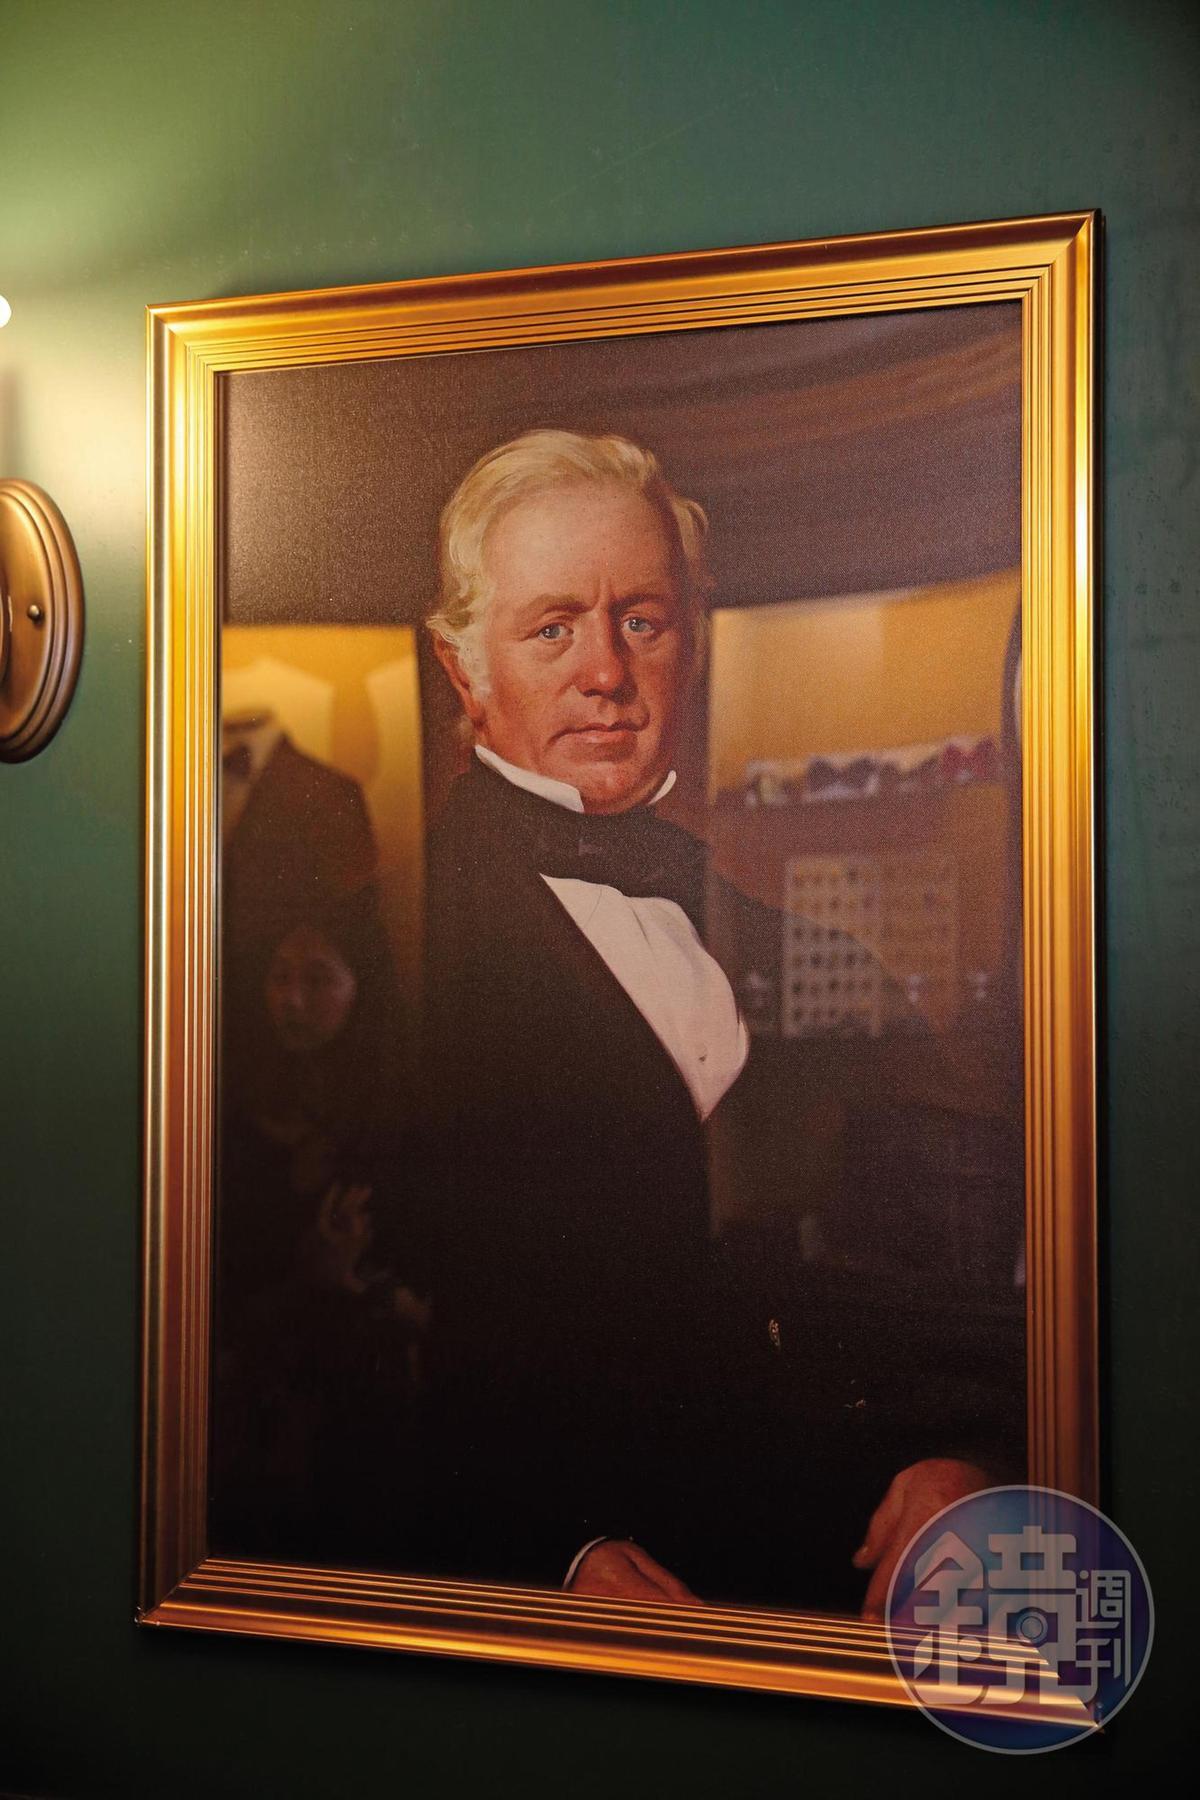 密室逃脫第3個線索為畫中格蘭利威創辦人喬治‧史密斯的眼睛裡浮現了數字2。